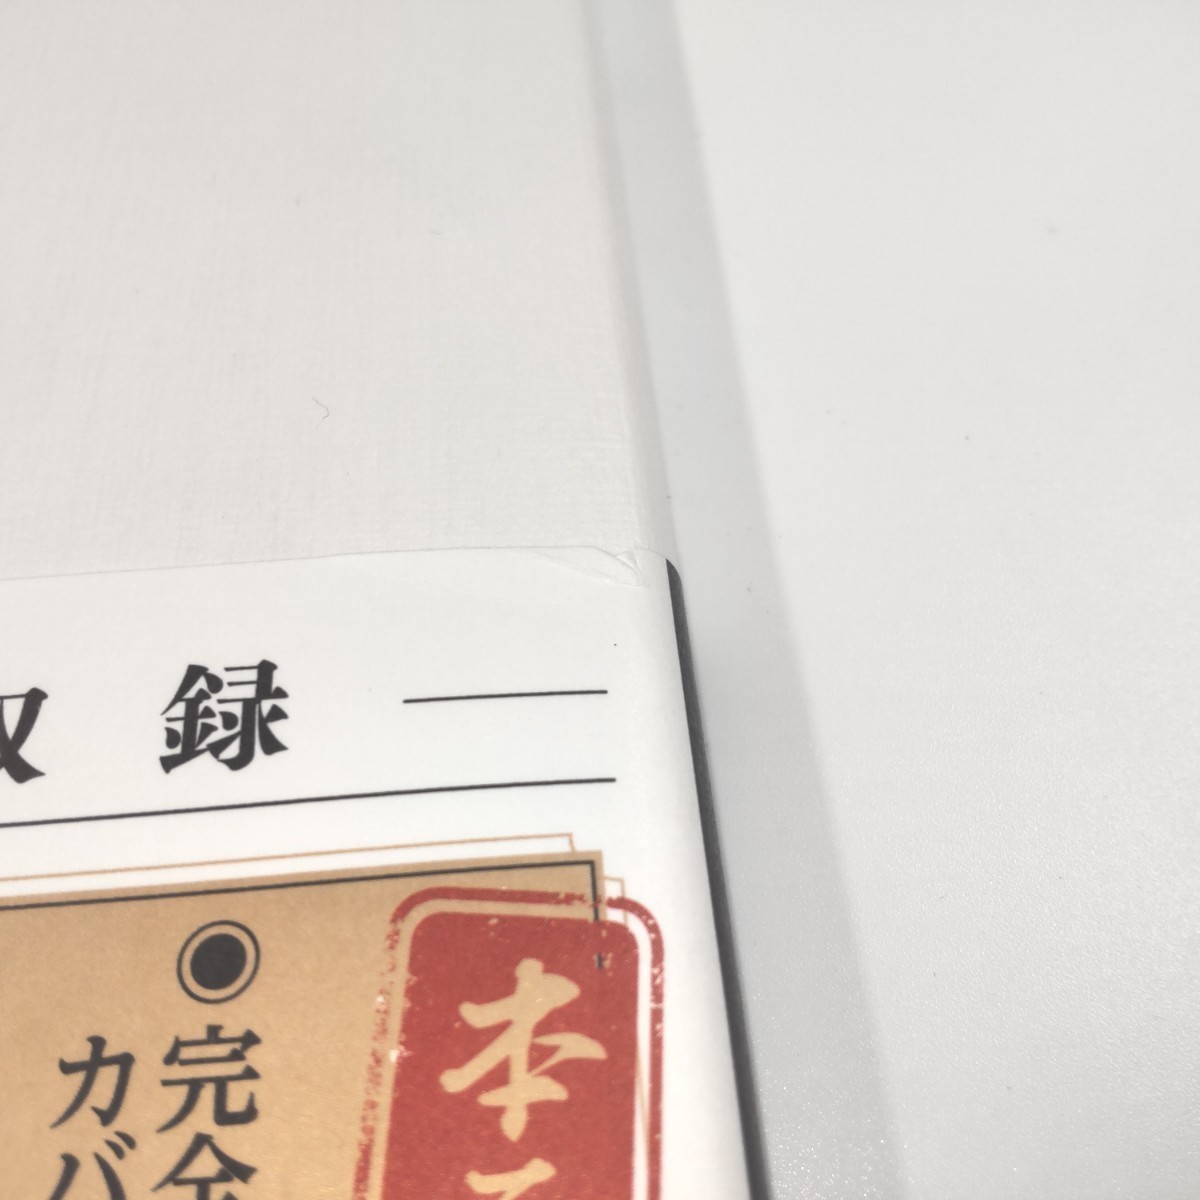 鬼滅の刃 全23巻+外伝+全巻収納BOX+特製しおり5枚+鬼殺隊見聞録壱、弐+公式キャラクターズブック壱、弐、参+画集-幾星霜-